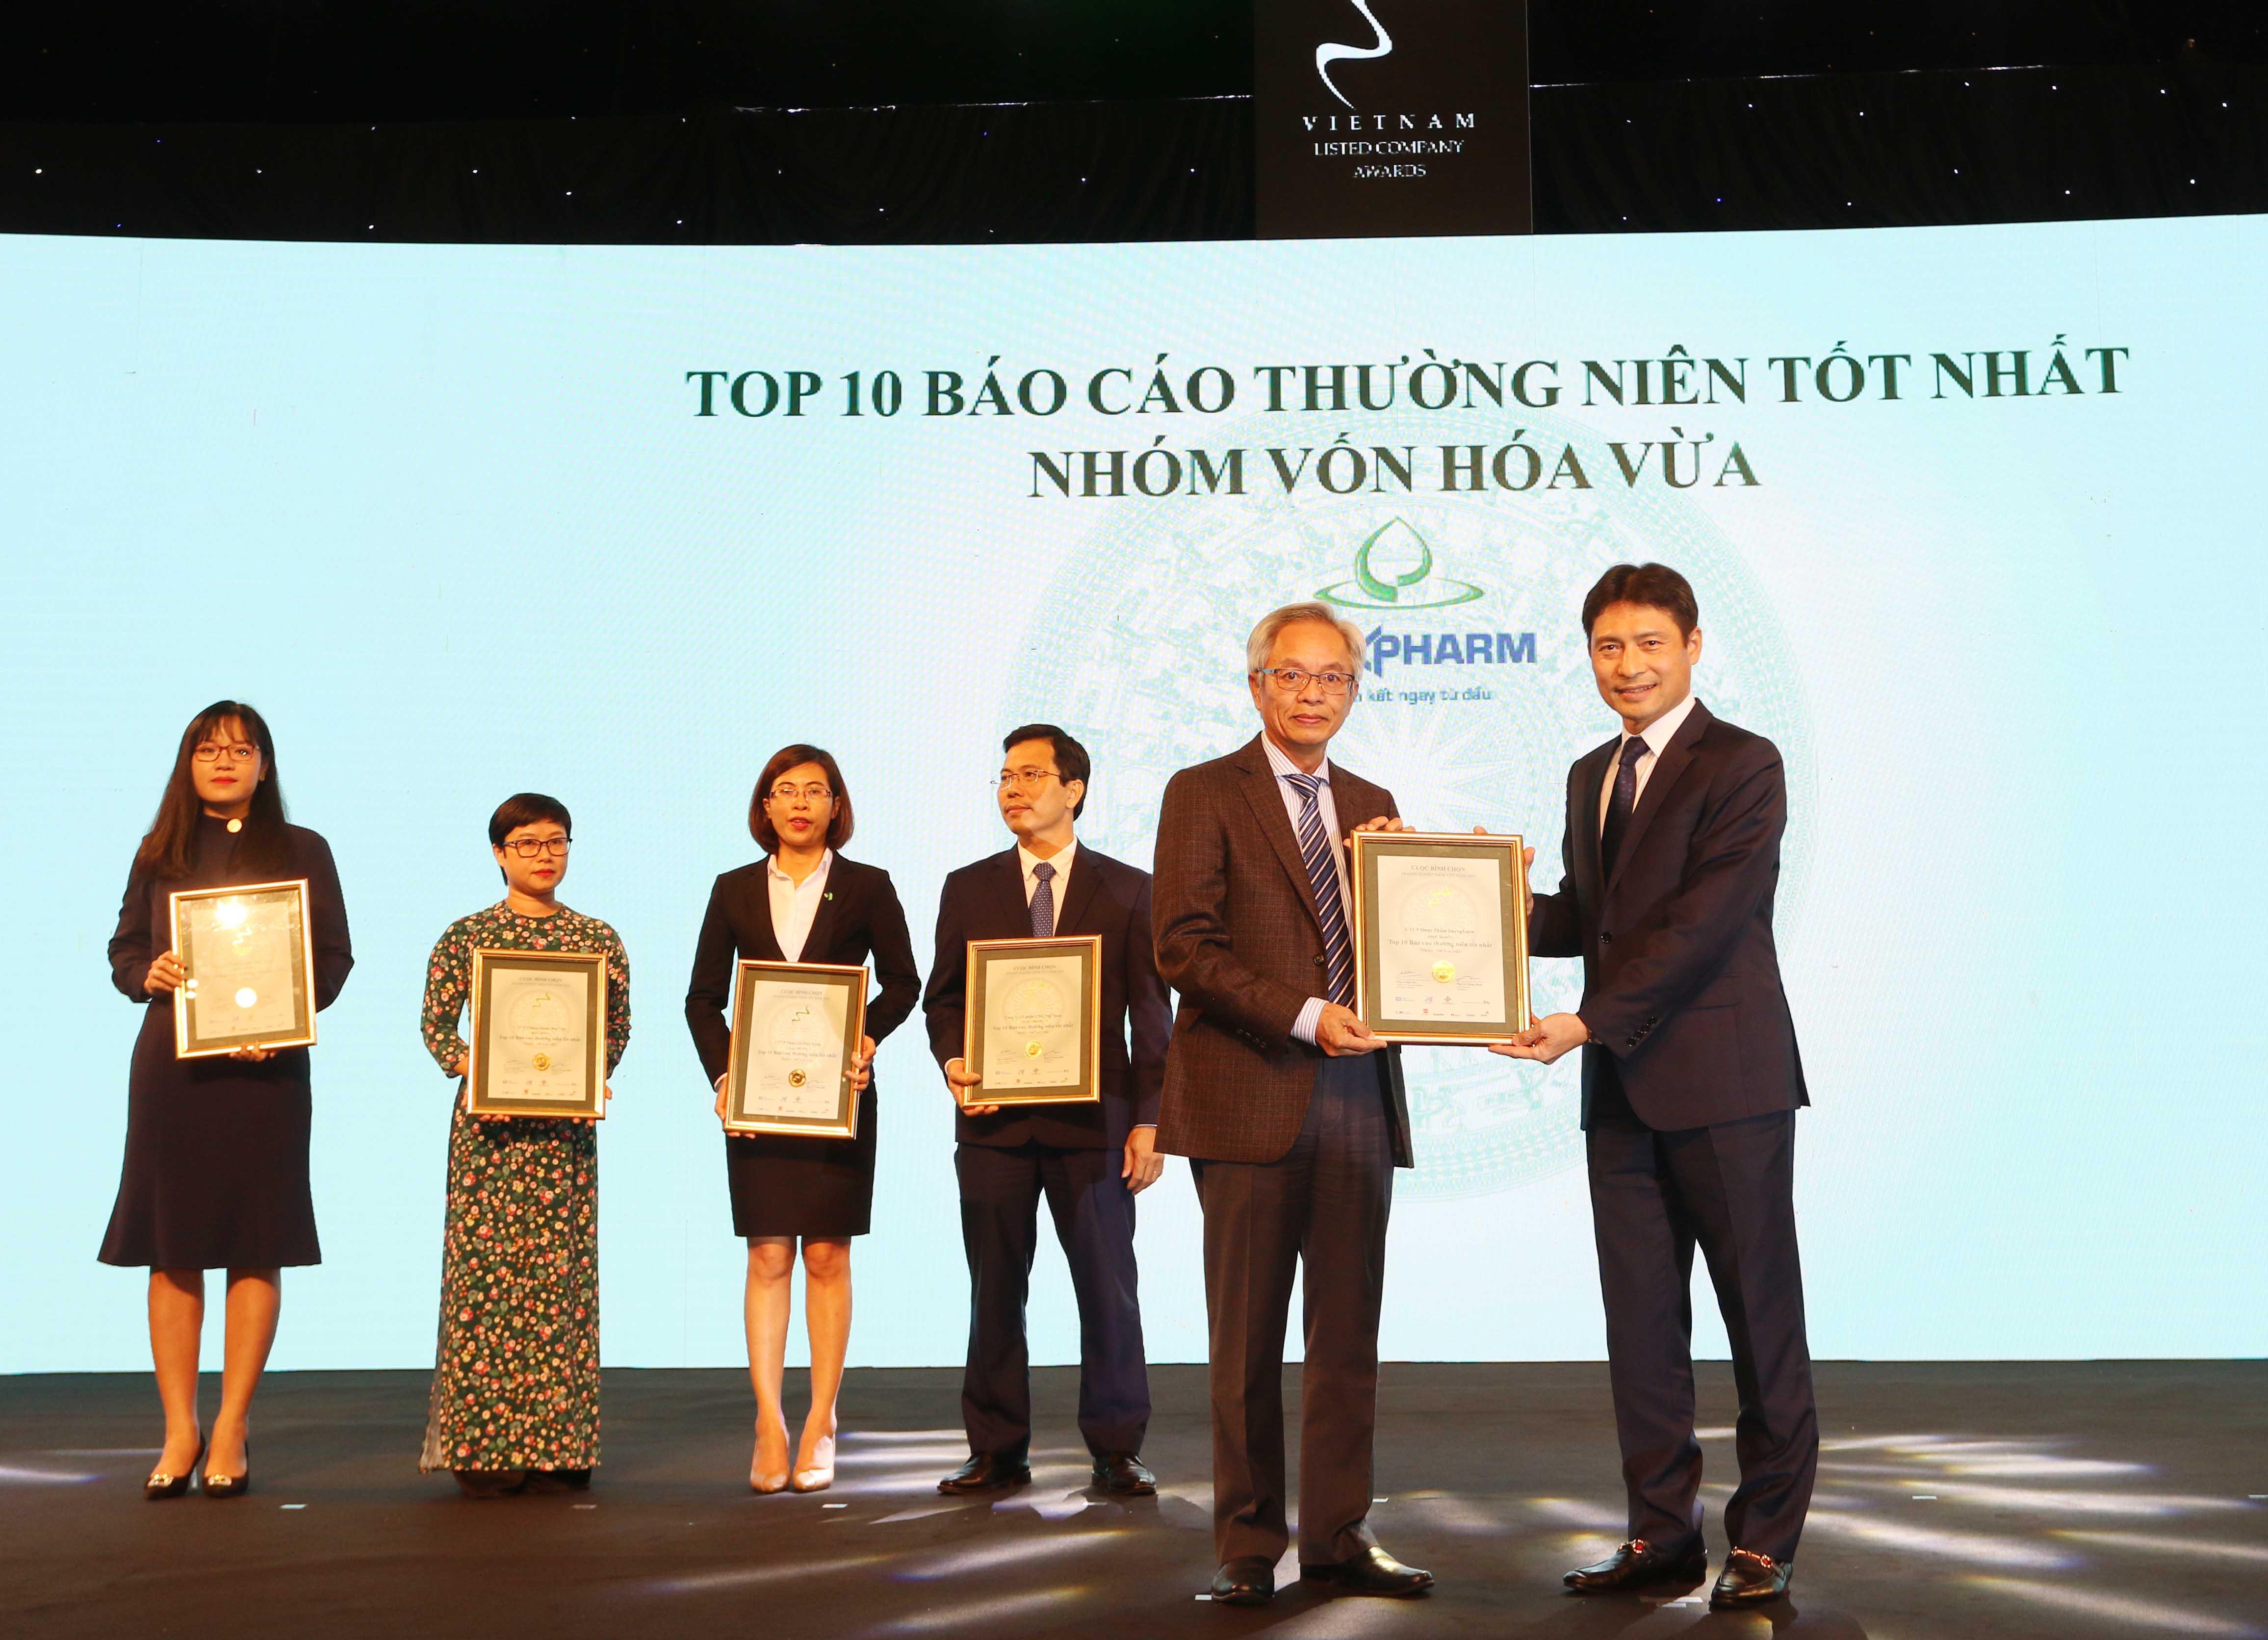 https://www.aravietnam.vn/wp-content/uploads/2020/12/22_Dại-diện-CTCP-Imexpharm-TOP-10-NNNY-nhóm-vốn-hóa-vừa-có-BCTN-tốt-nhất.jpg